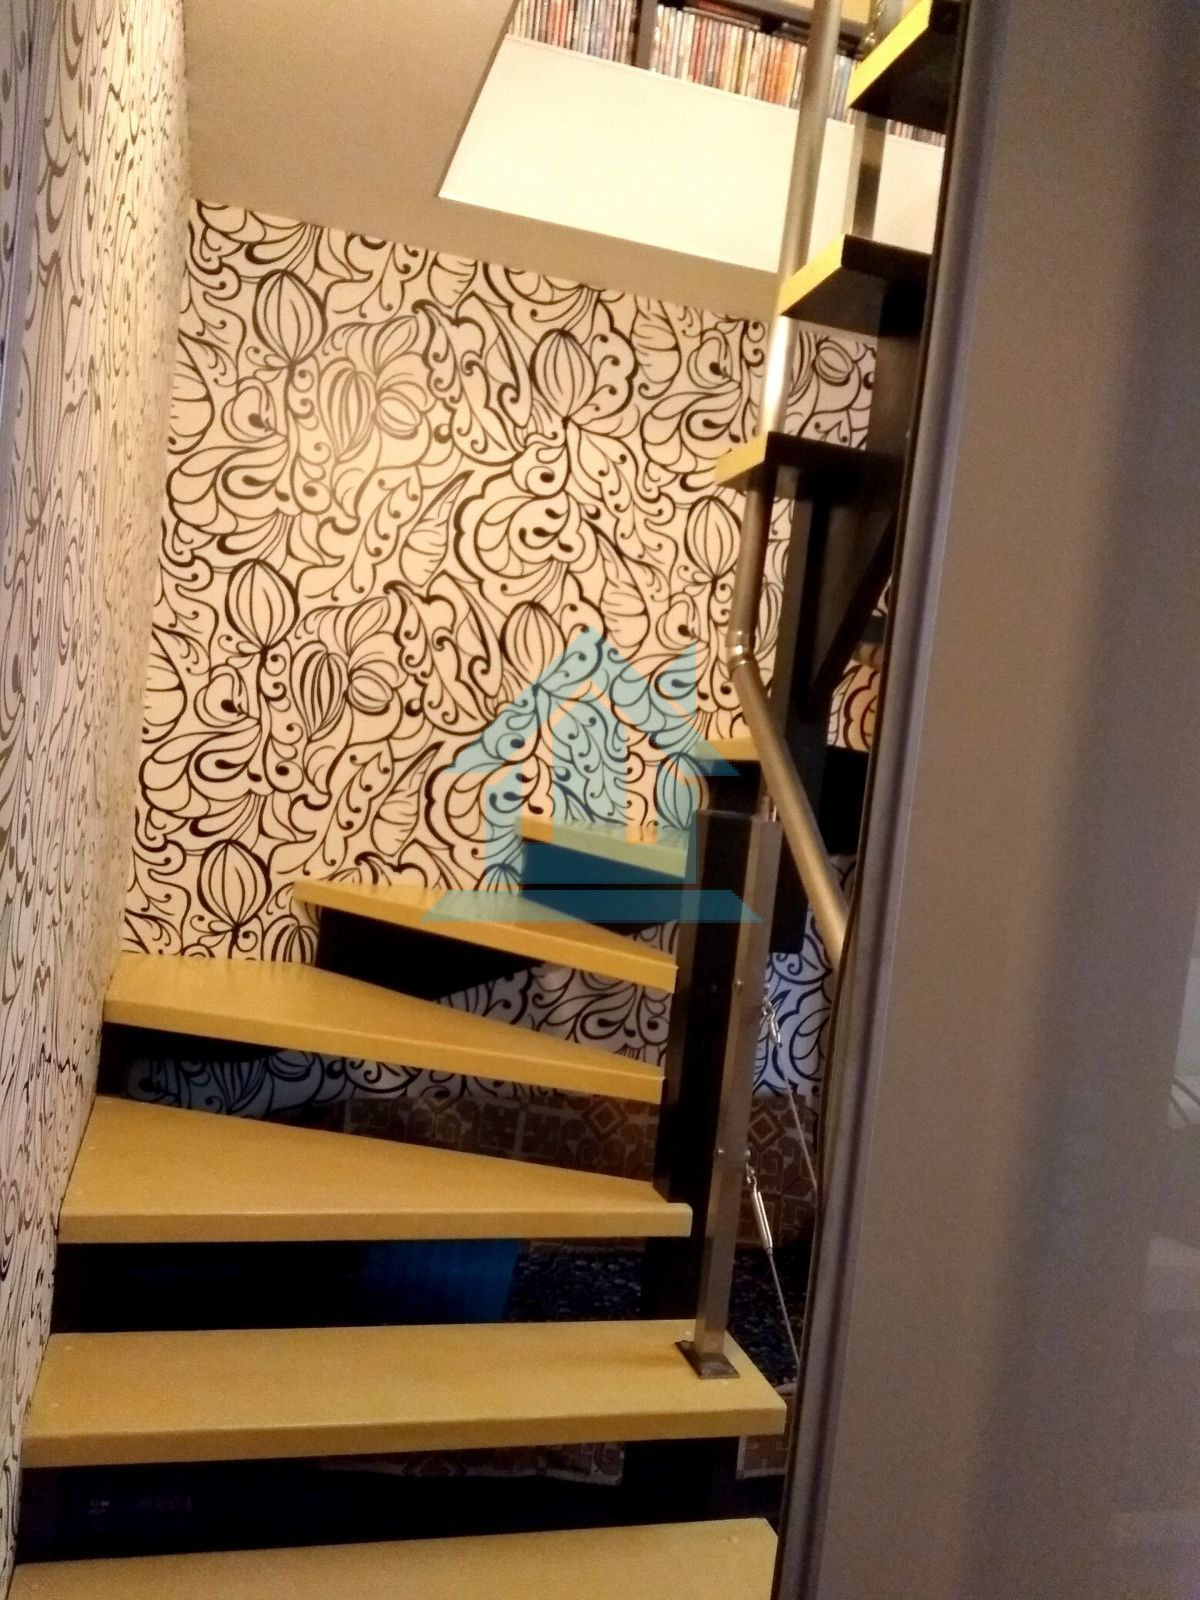 Квартира на продажу по адресу Россия, Санкт-Петербург, Санкт-Петербург, Ленинский пр-кт, 67 к.2